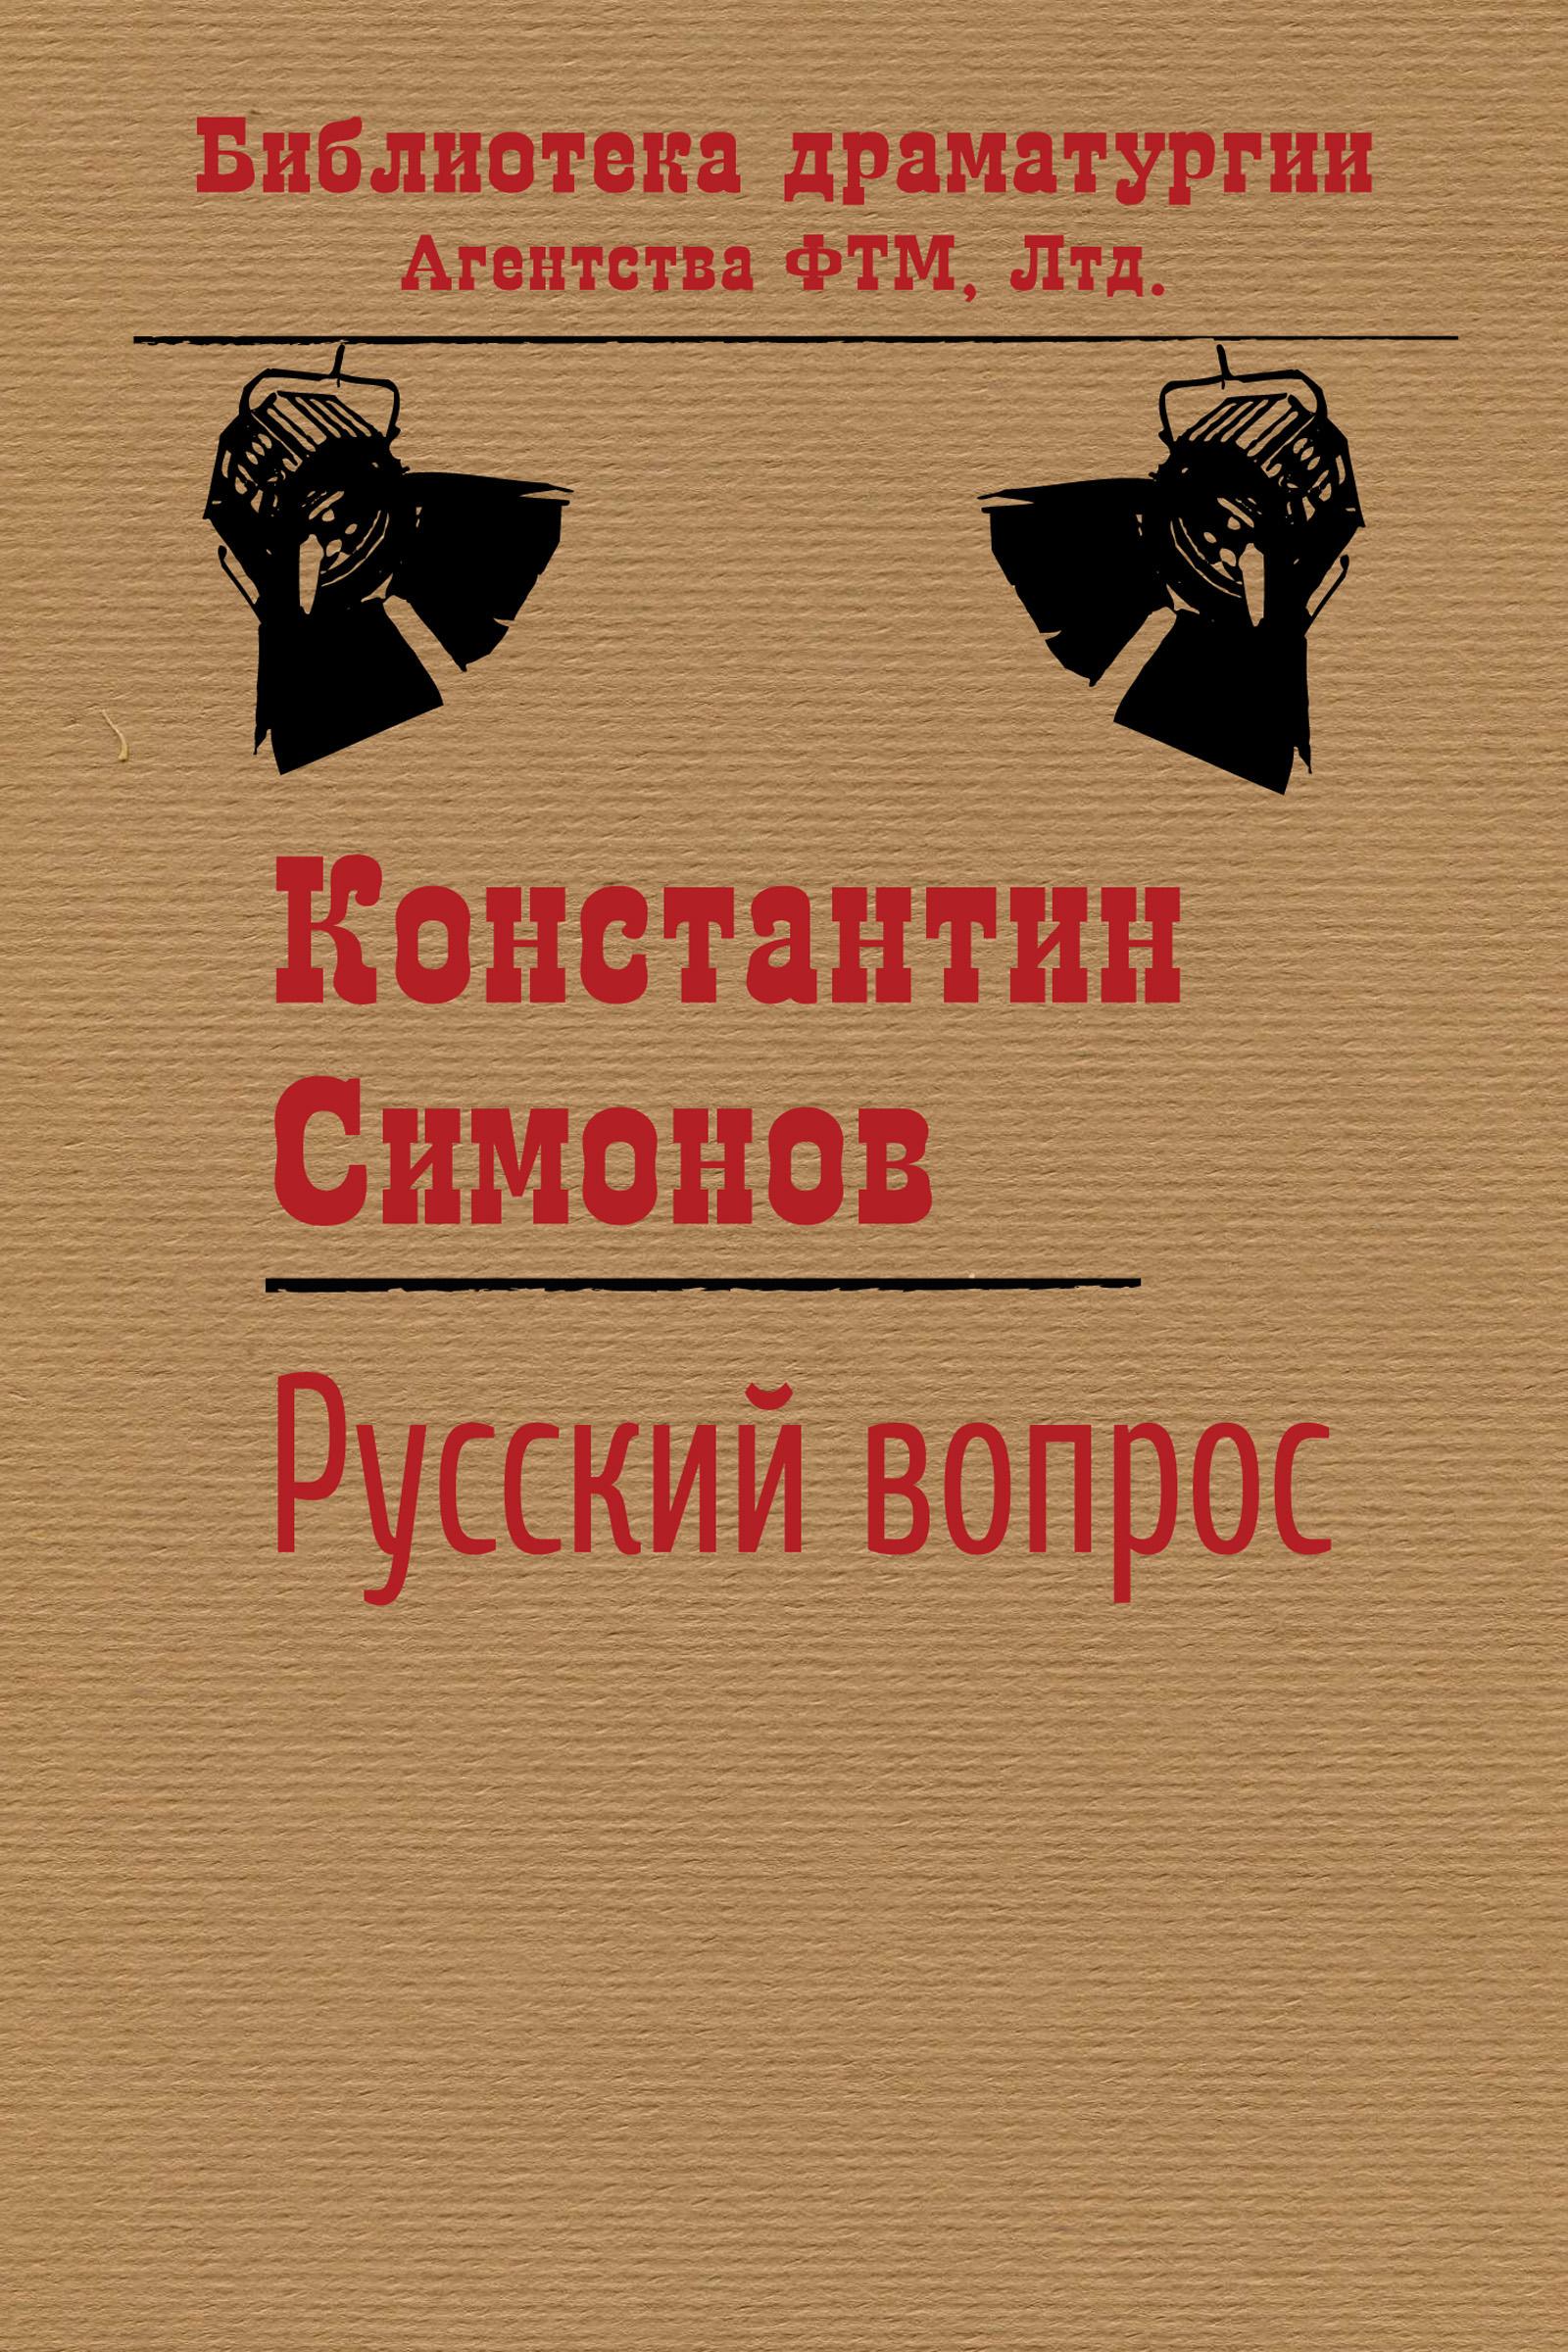 russkiy vopros